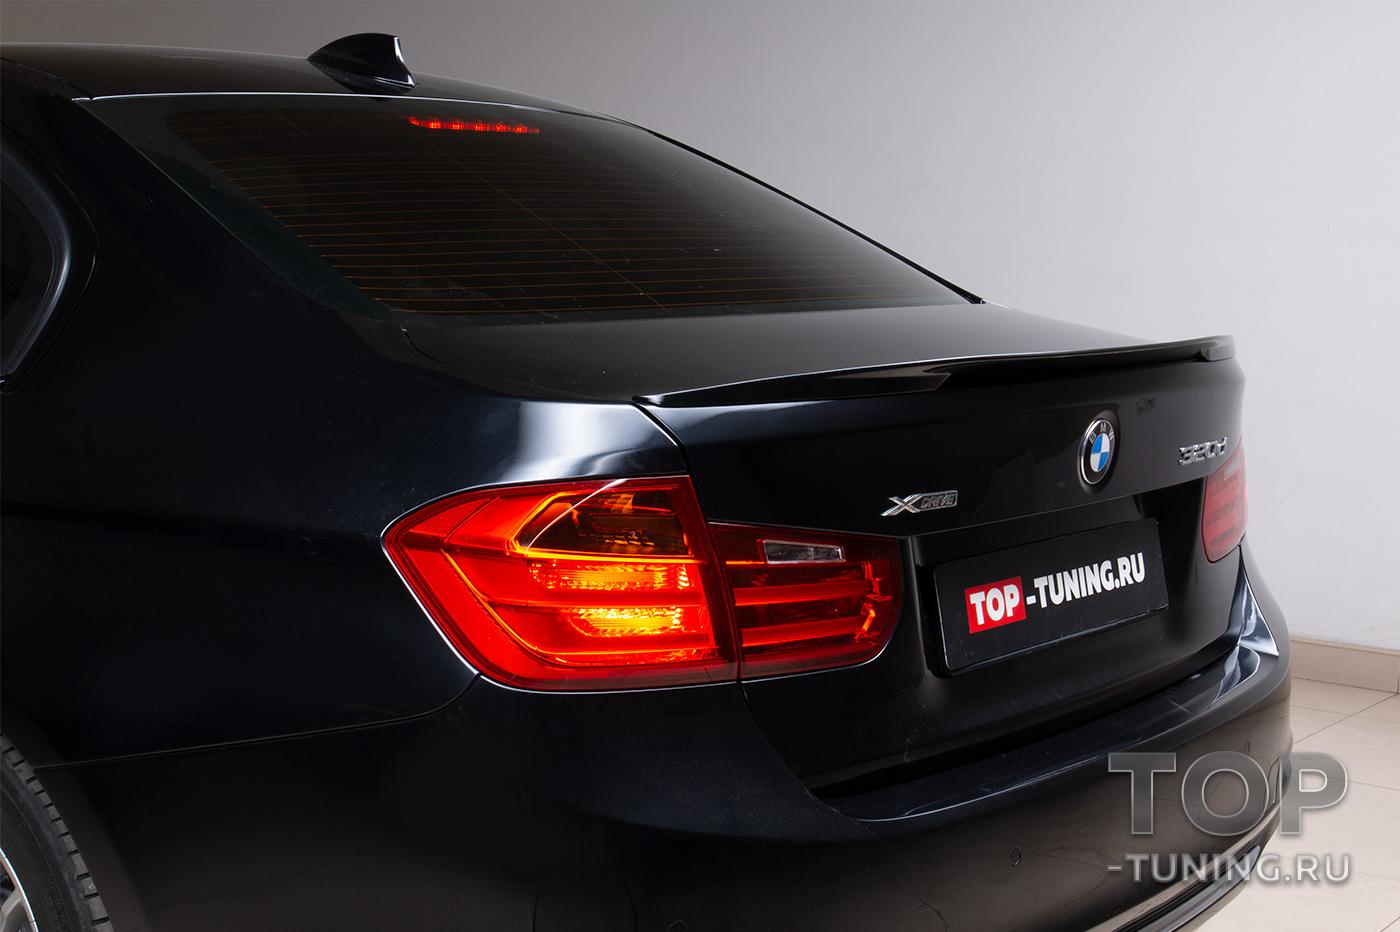 Черный BMW 3 серии в кузове F30 - работа по установке накладки на передний бампер и лип-спойлера